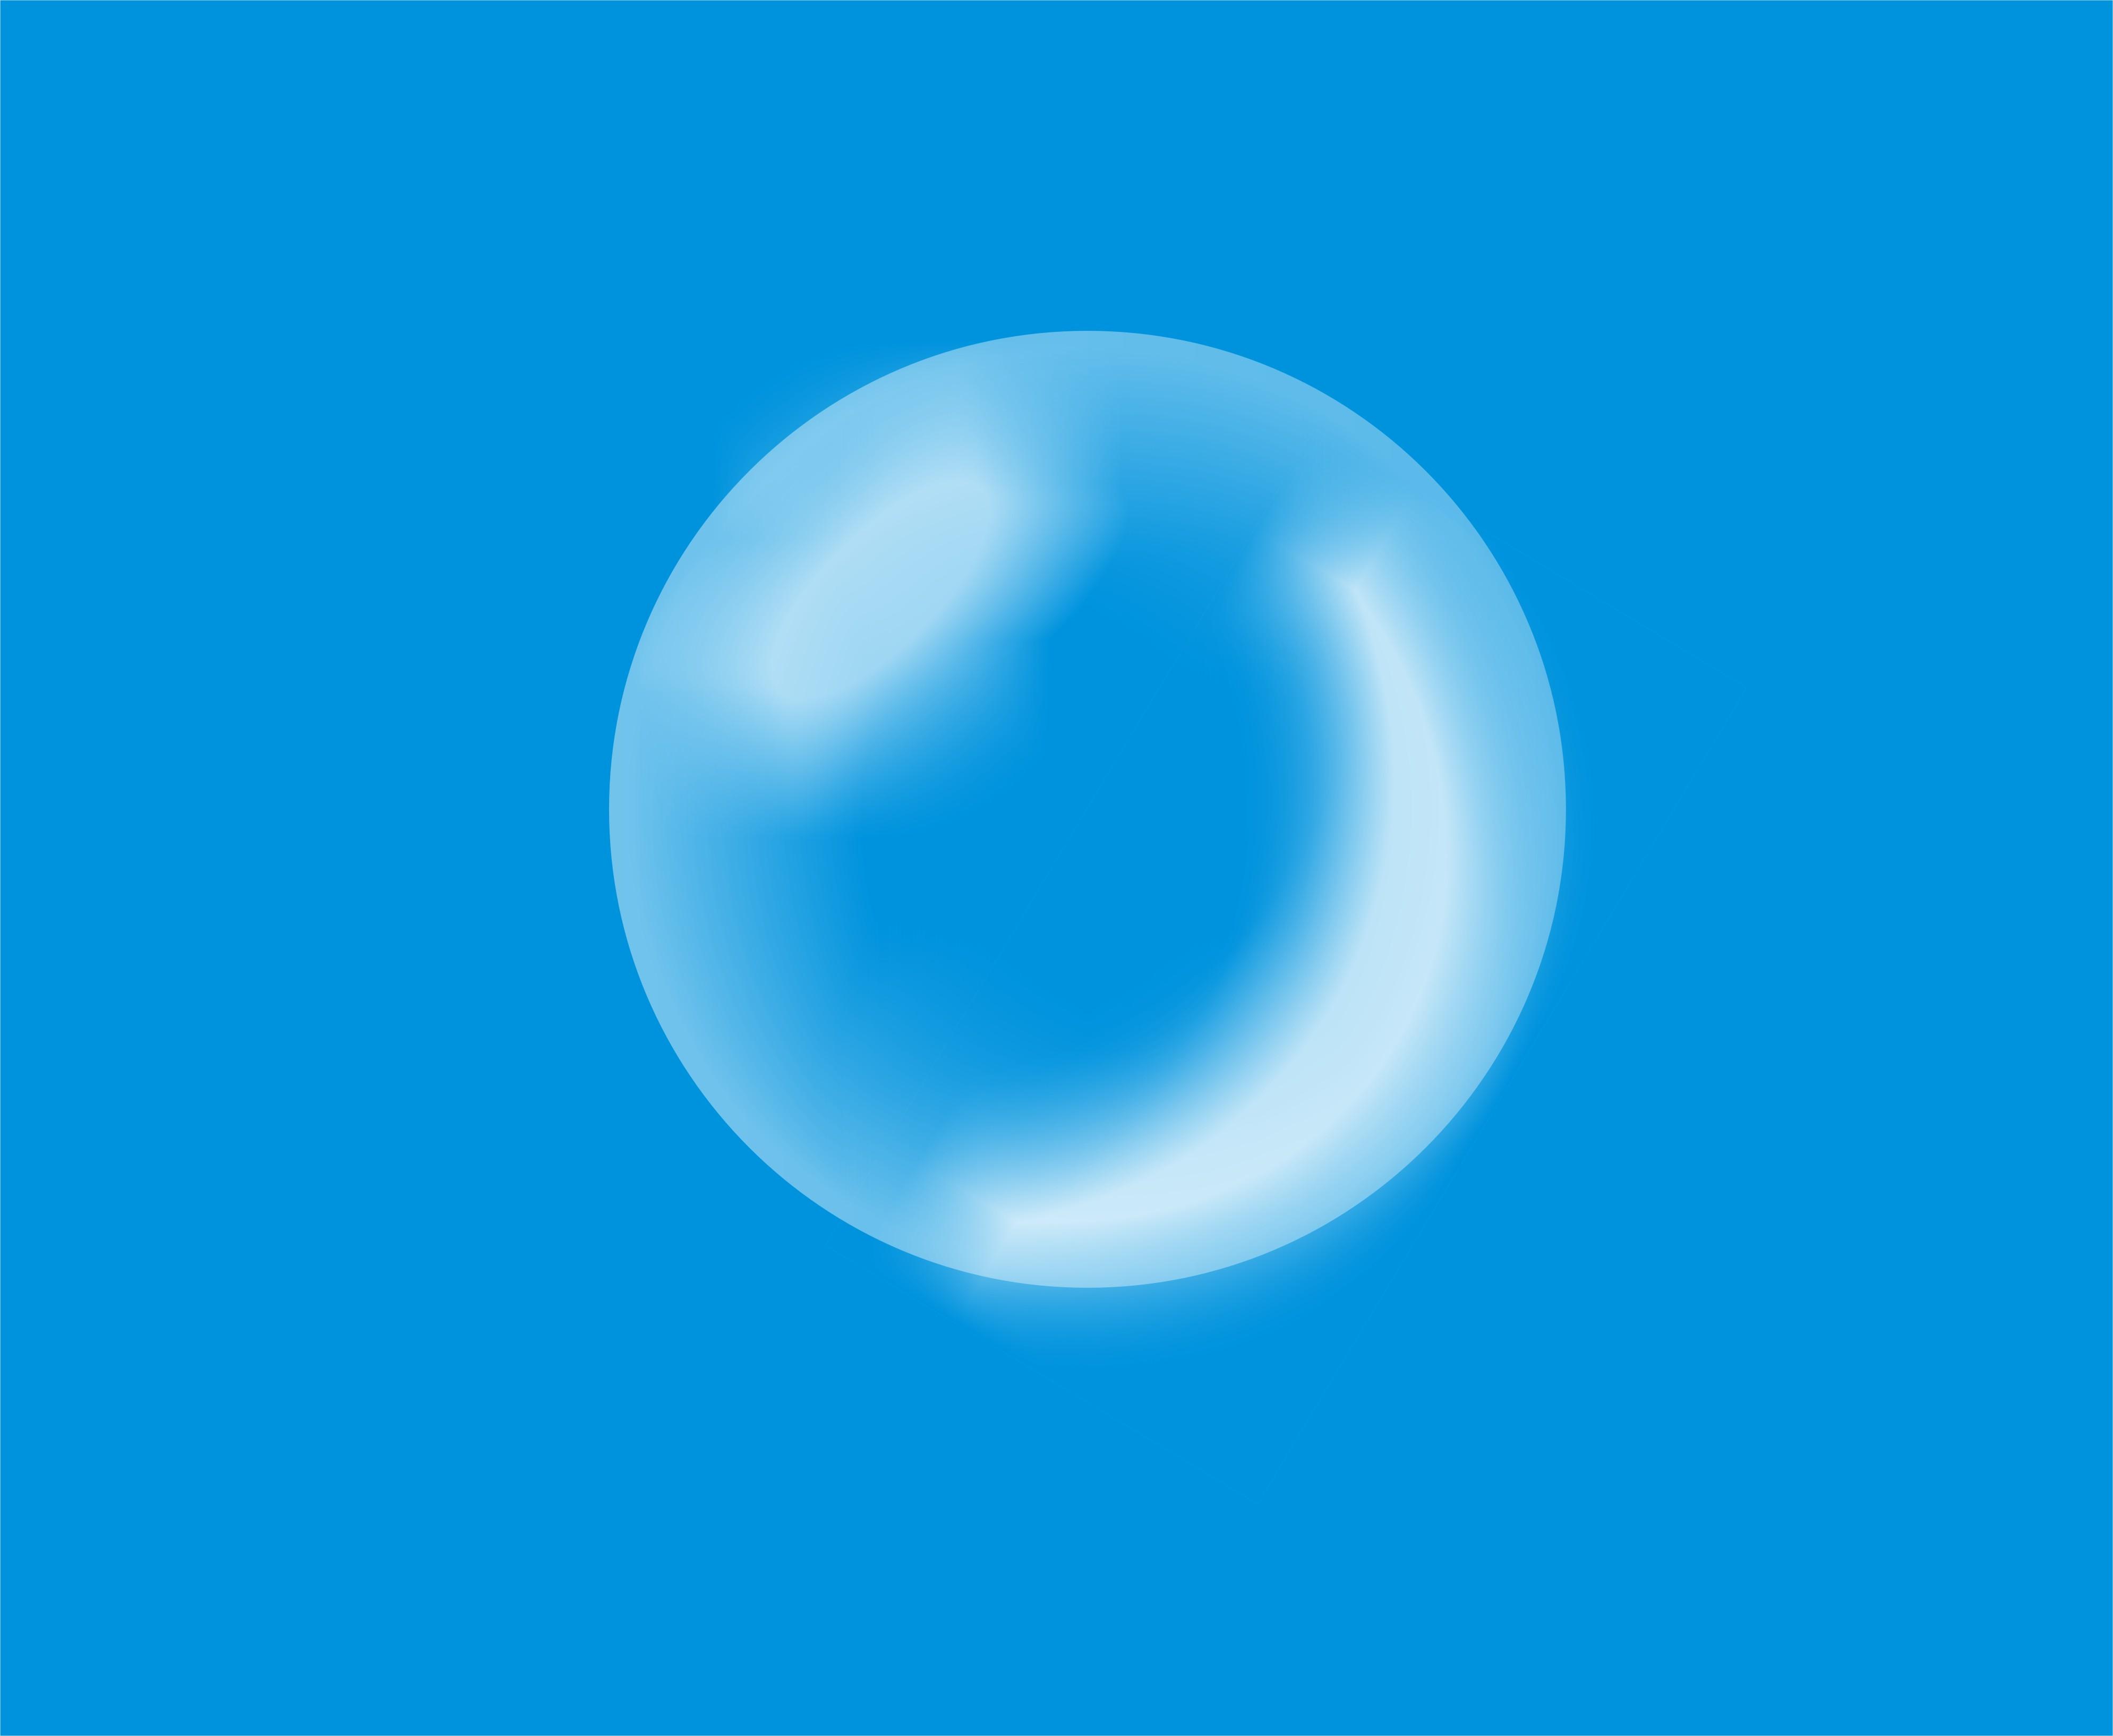 好看的气泡框ps素材,卡通气泡对话框素材,气泡对话框素材_点力图库图片